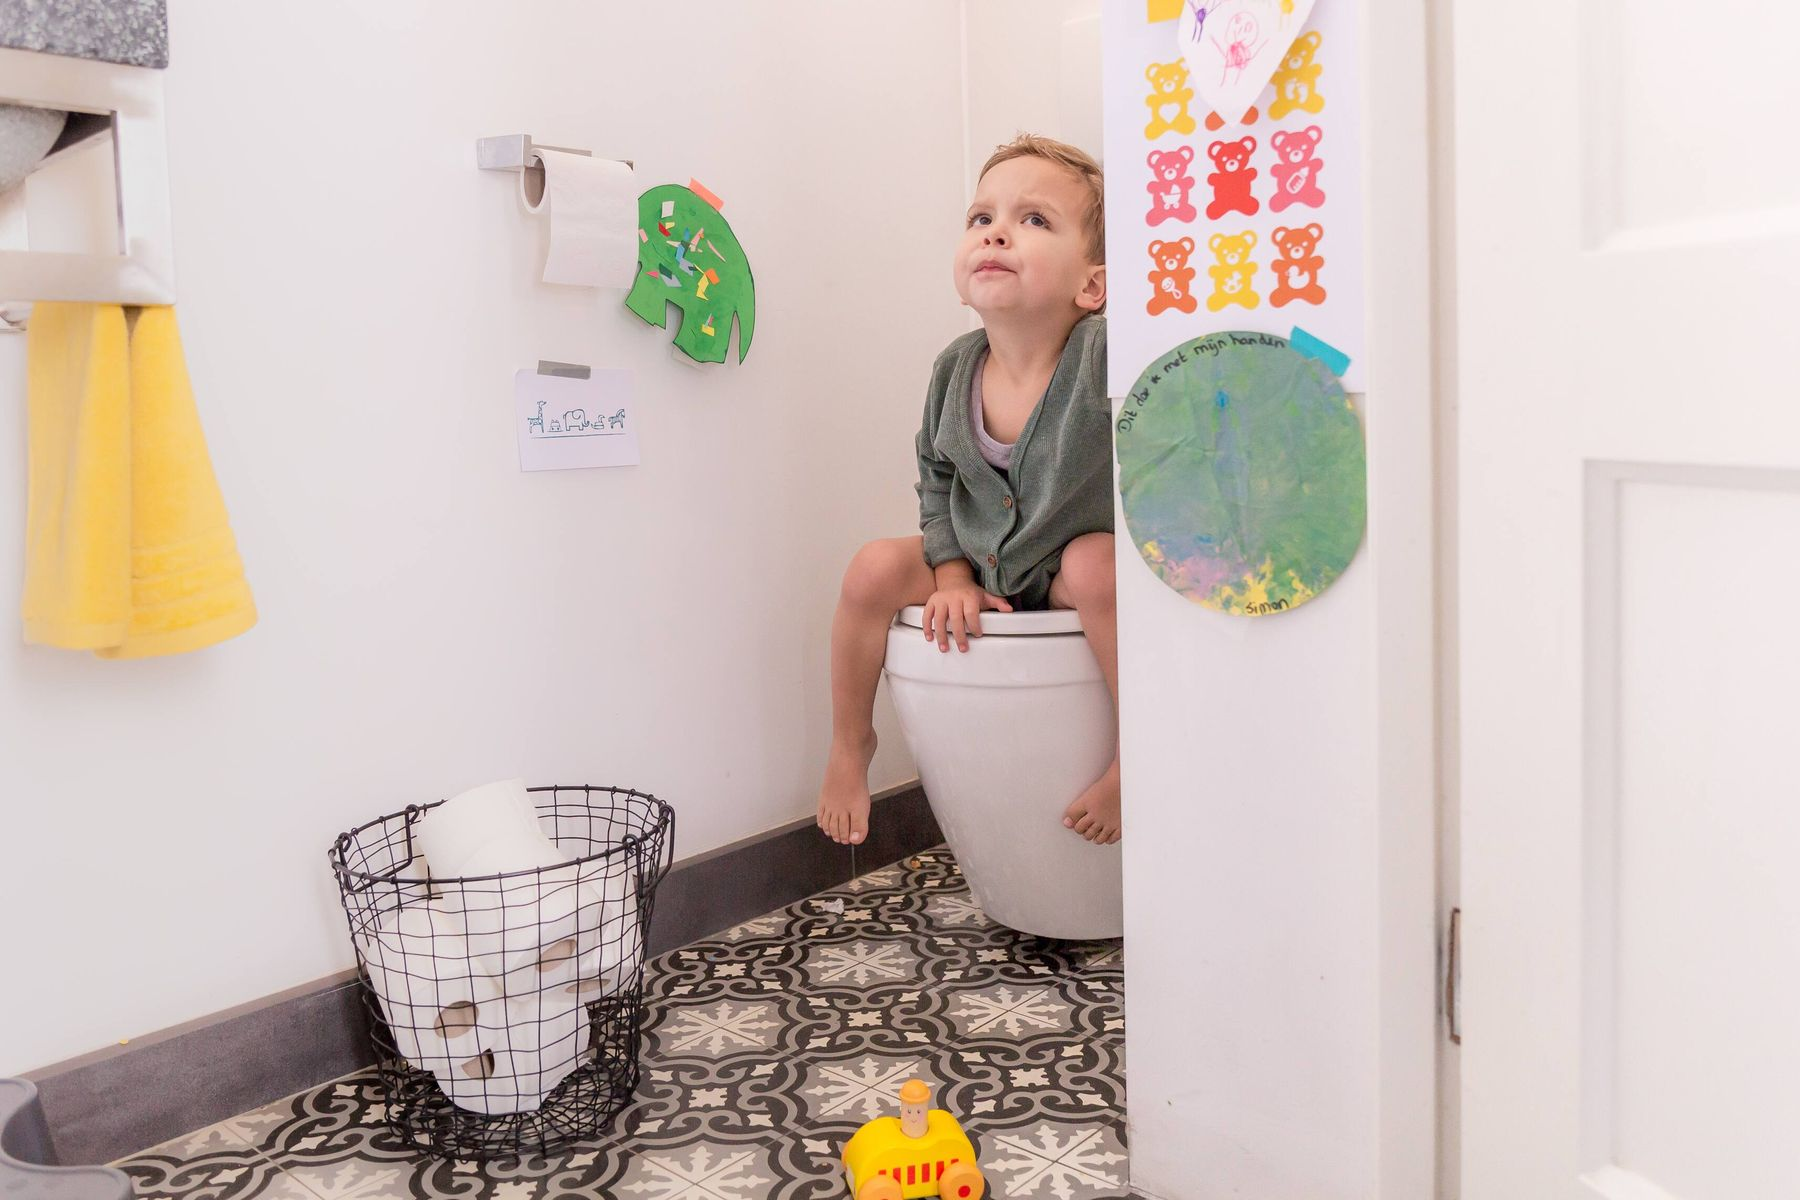 Có nên dùng viên tẩy bồn cầu nếu nhà có trẻ nhỏ?